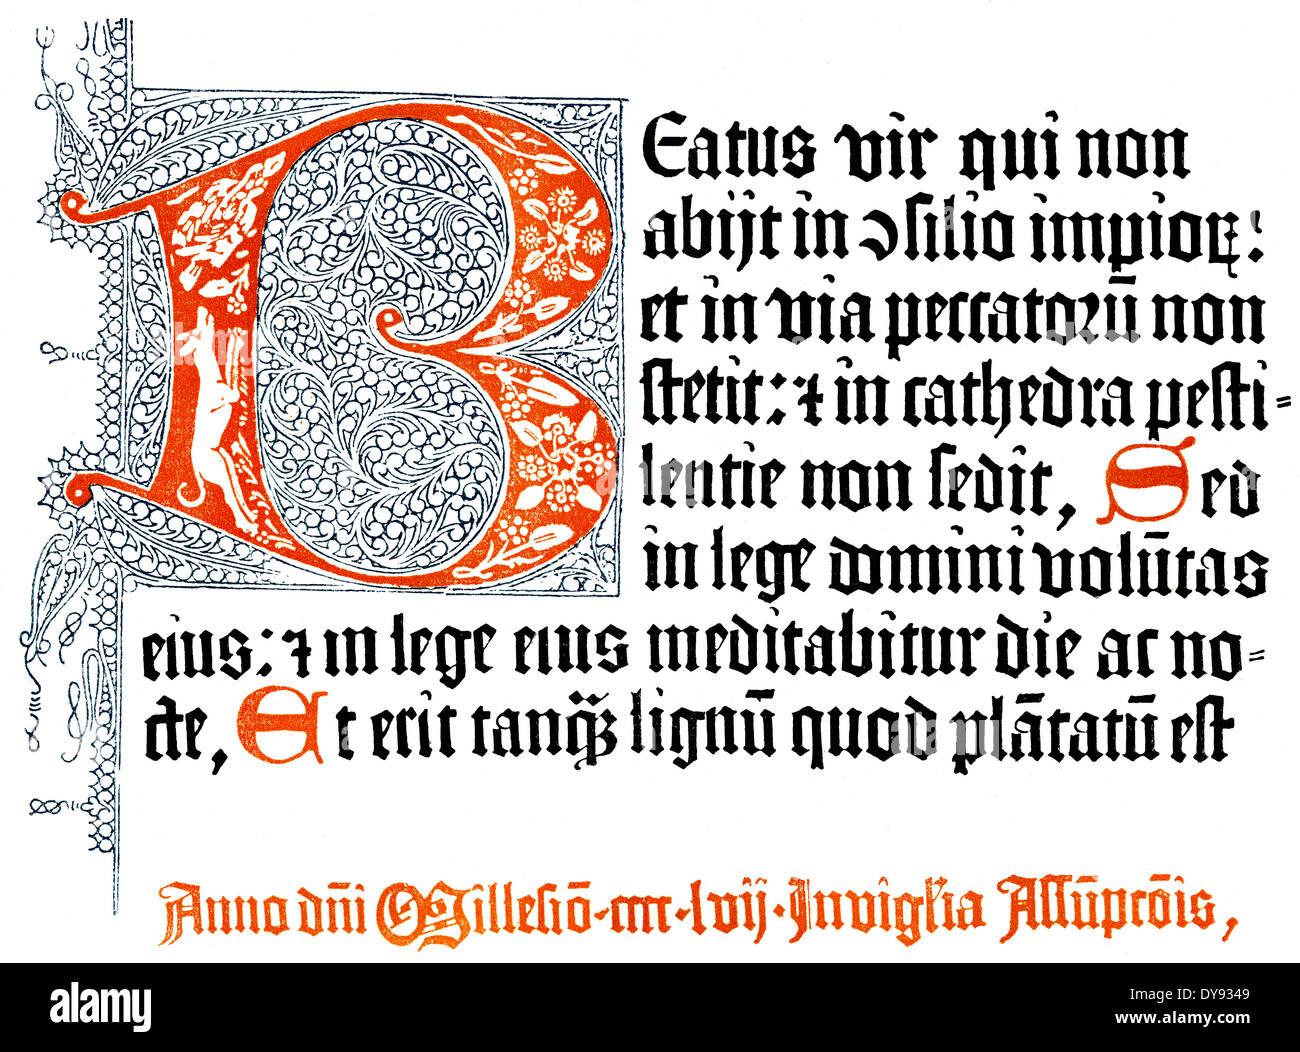 Dettaglio, facsimile della prima pagina e la fine signifaction, il salterio di Magonza, 1457, stampata da Peter Schöffer e Johann Fust Immagini Stock